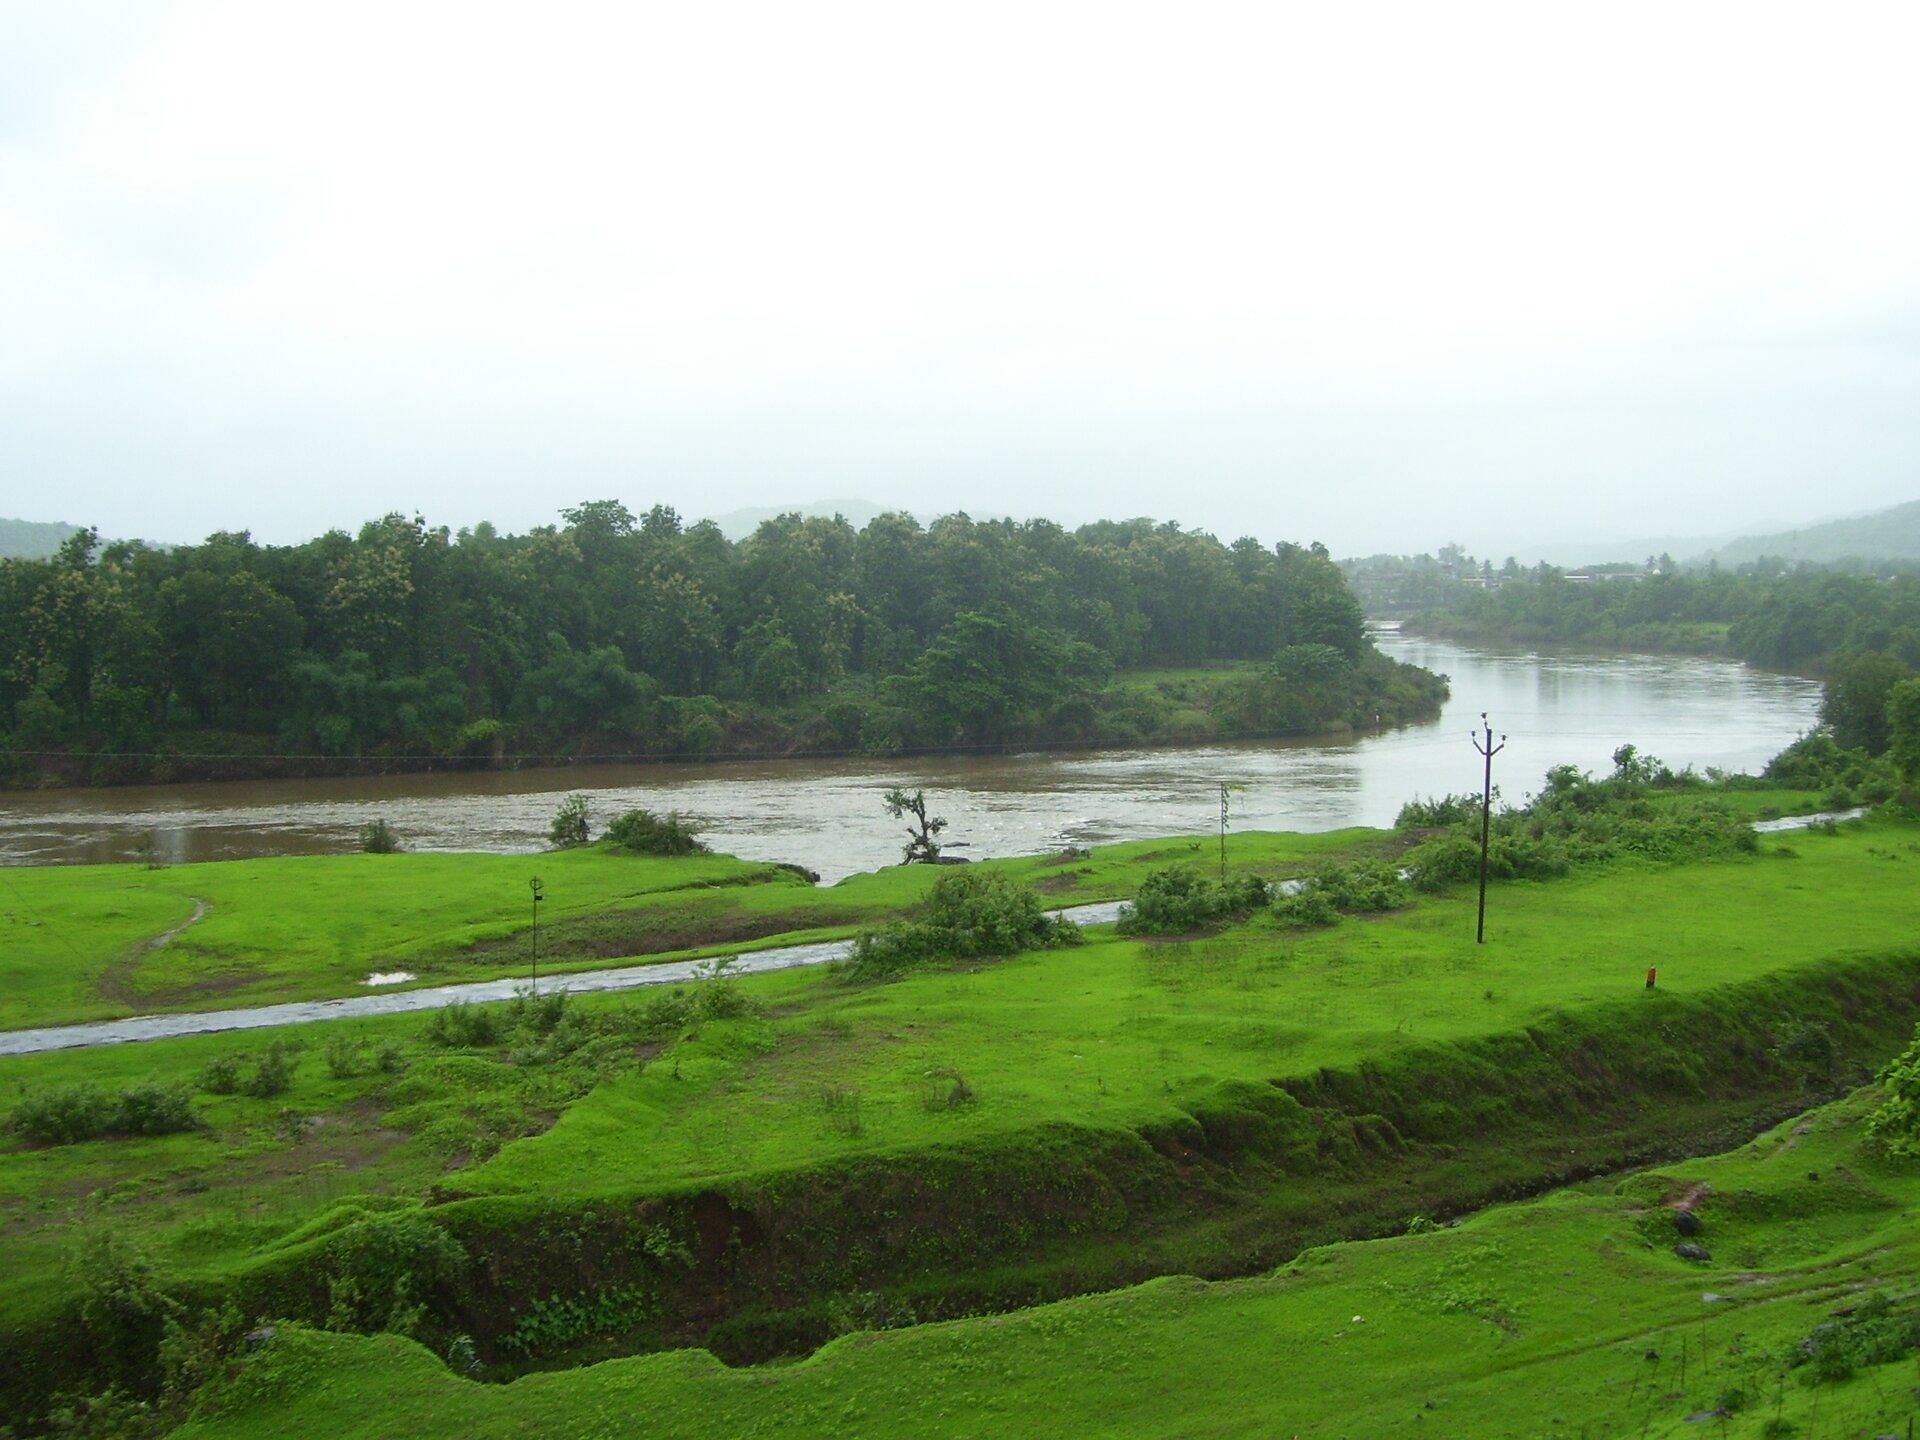 Na zdjęciu szeroka rzeka, jeden brzeg zalesiony, drugi brzeg porośnięty bujną trawą.